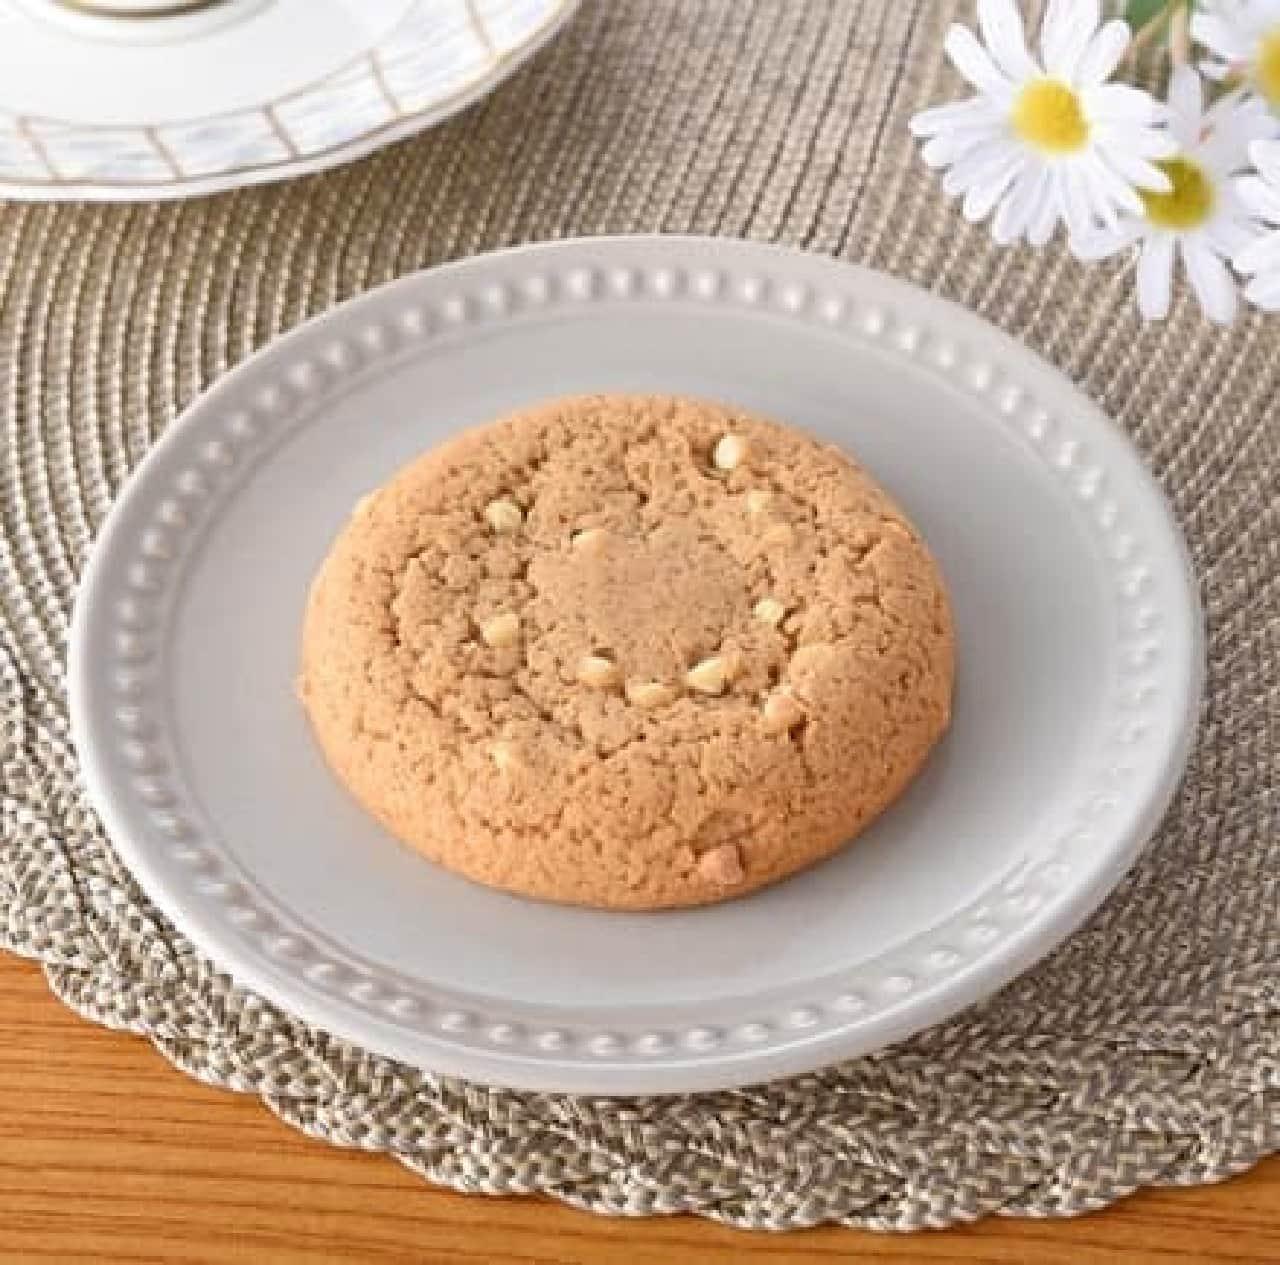 ファミリーマート「ホワイトチョコチップクッキー」